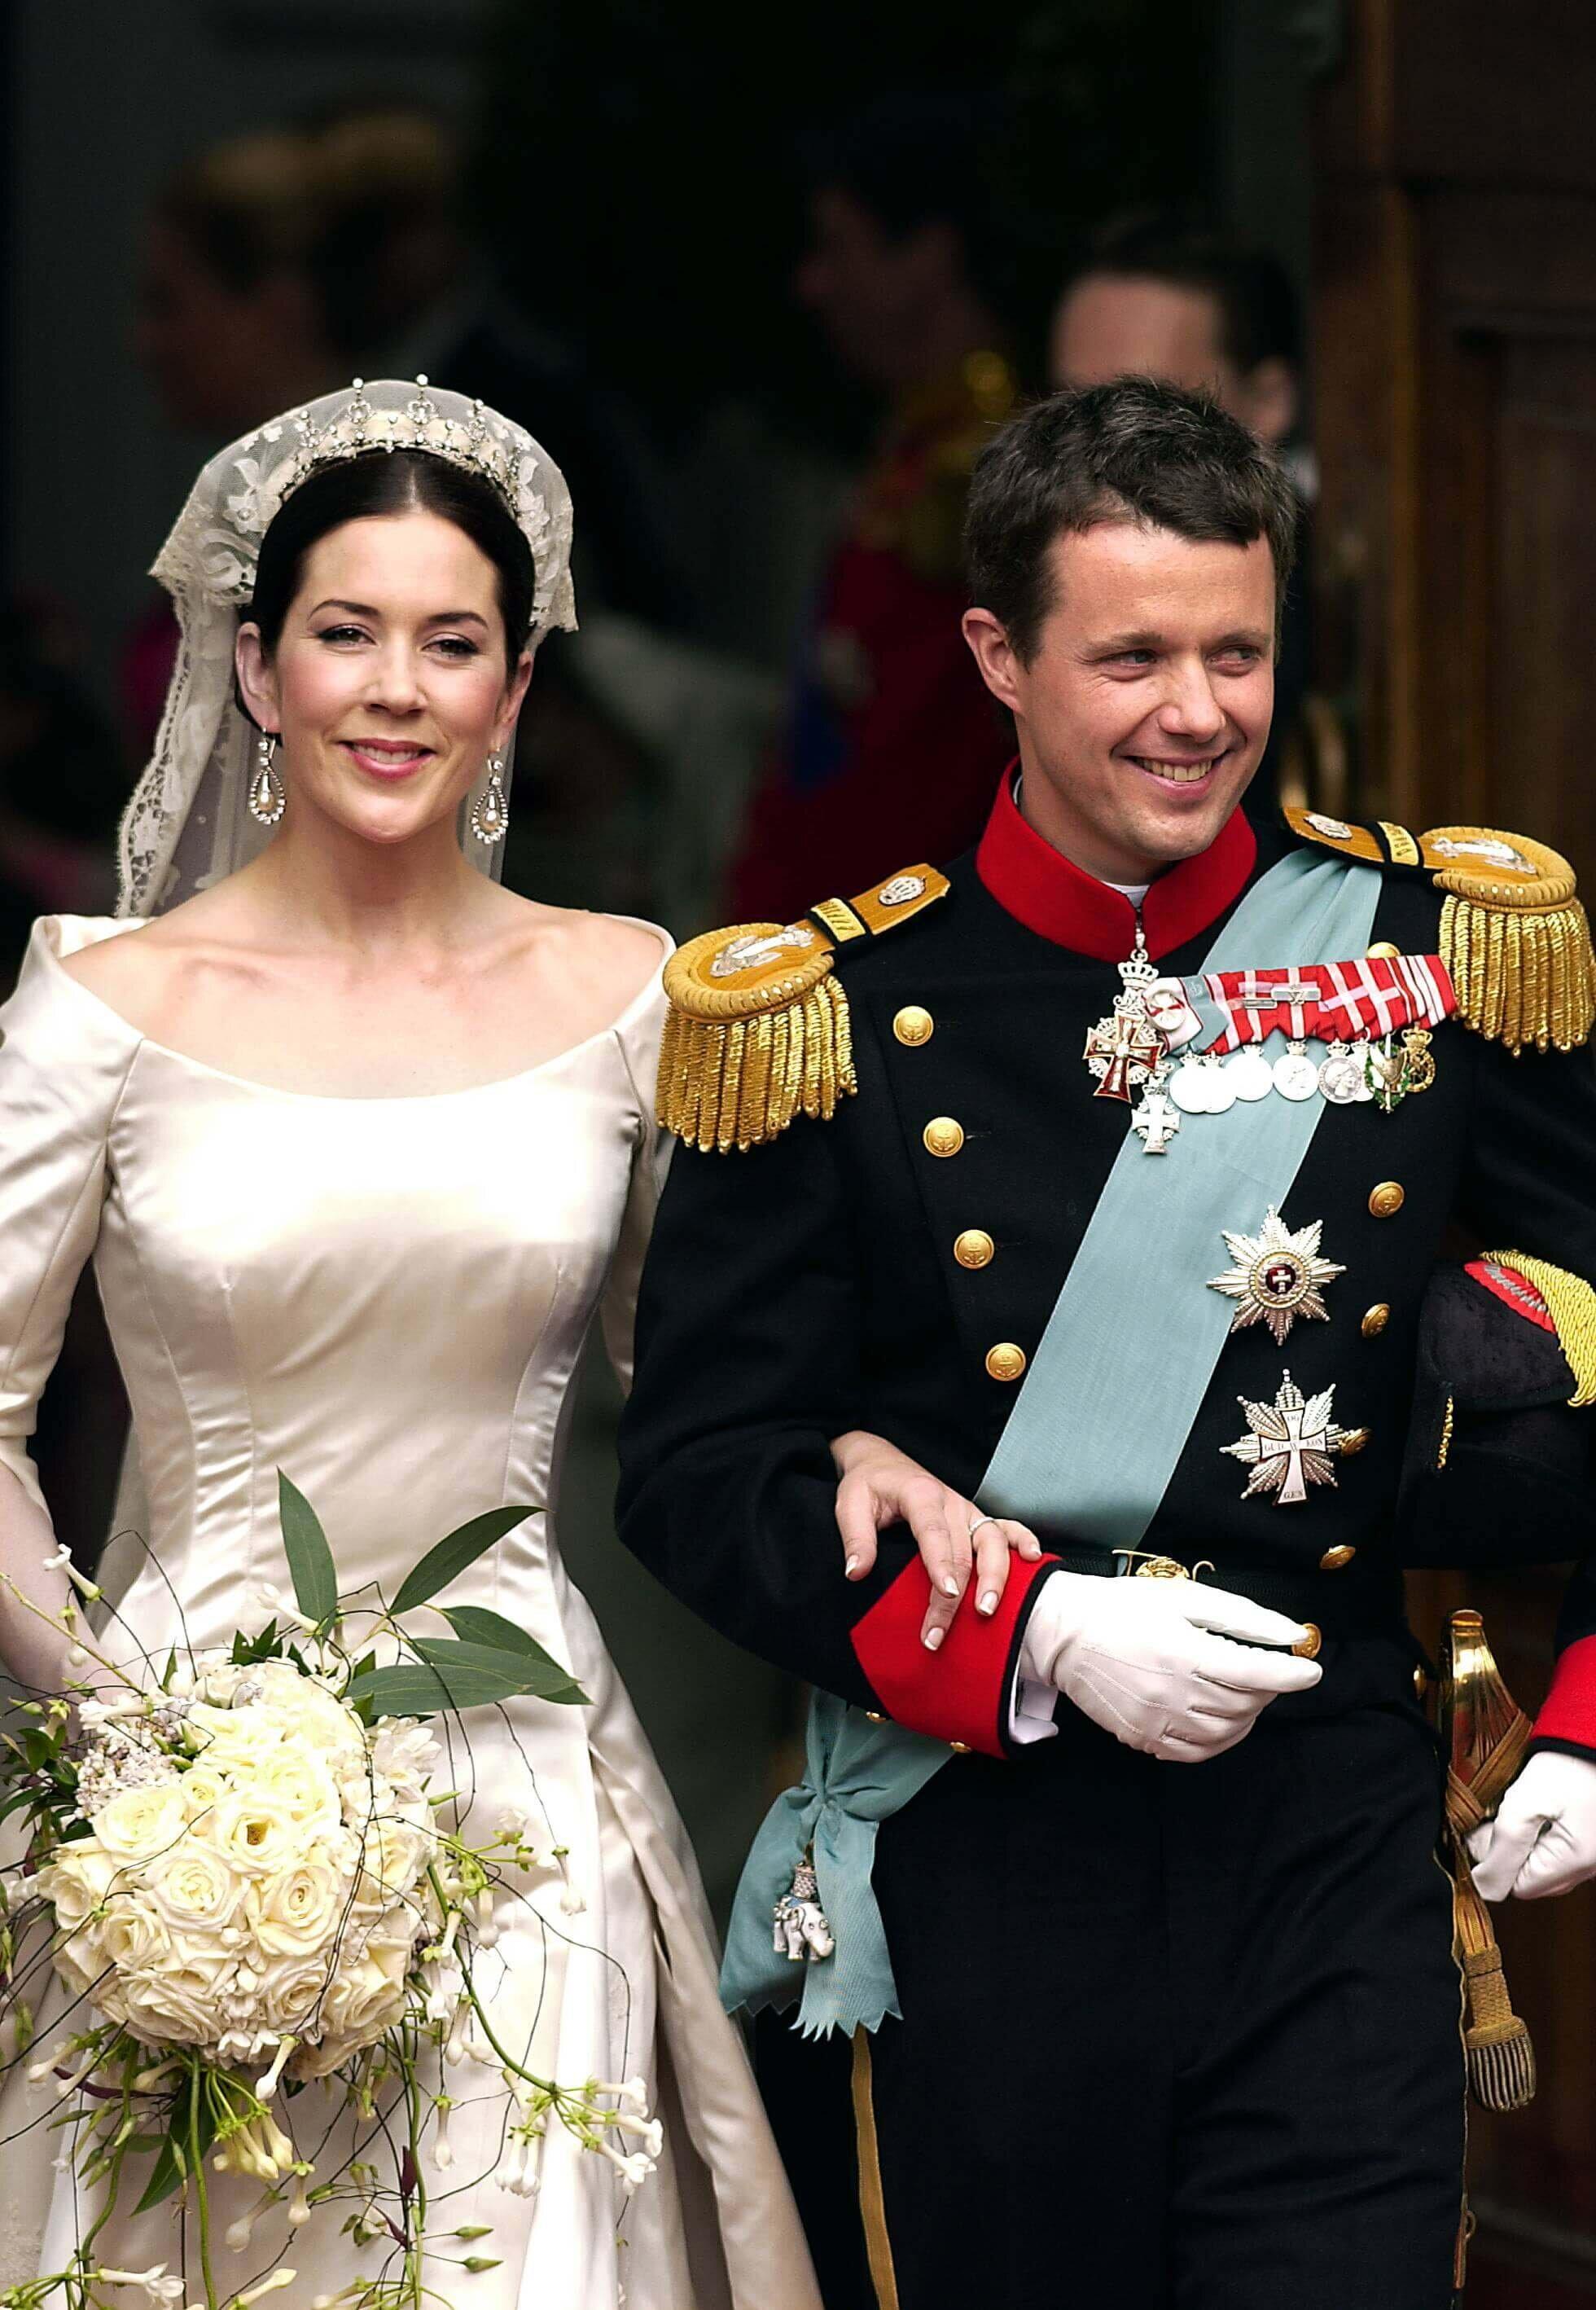 Kronprinzessin Mary trug ein Brautkleid des dänischen Designers Uffe Frank. Die Seidenrobe hatte ein rührendes Geheimnis. © picture alliance/Scanpix Denmark